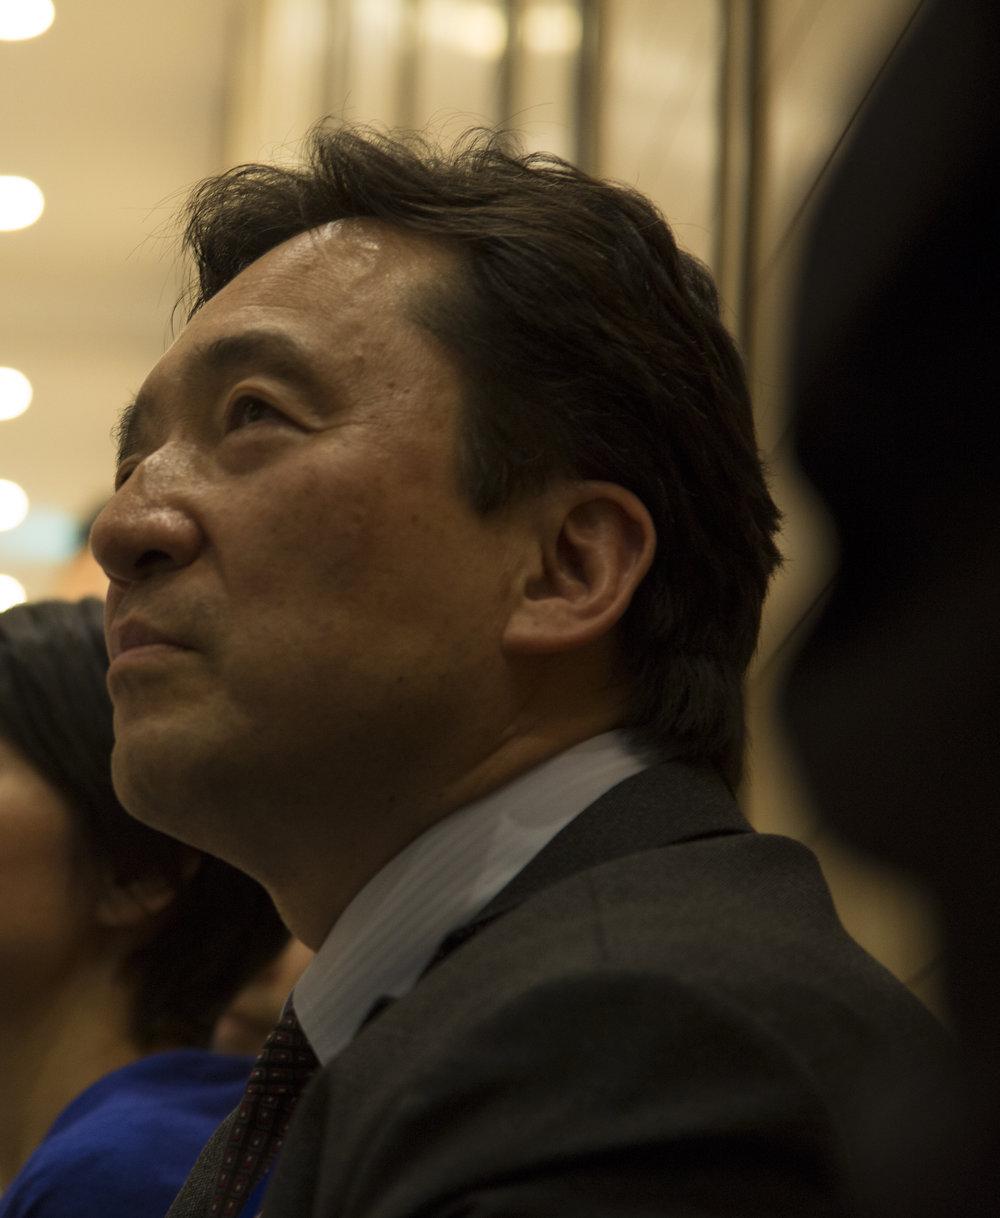 レグサム事務局長日本経済新聞社ゼネラル・プロデューサー山田康昭 - Chief Executive of REG/SUMGeneral Producer of NIKKEI INC.Yasuaki